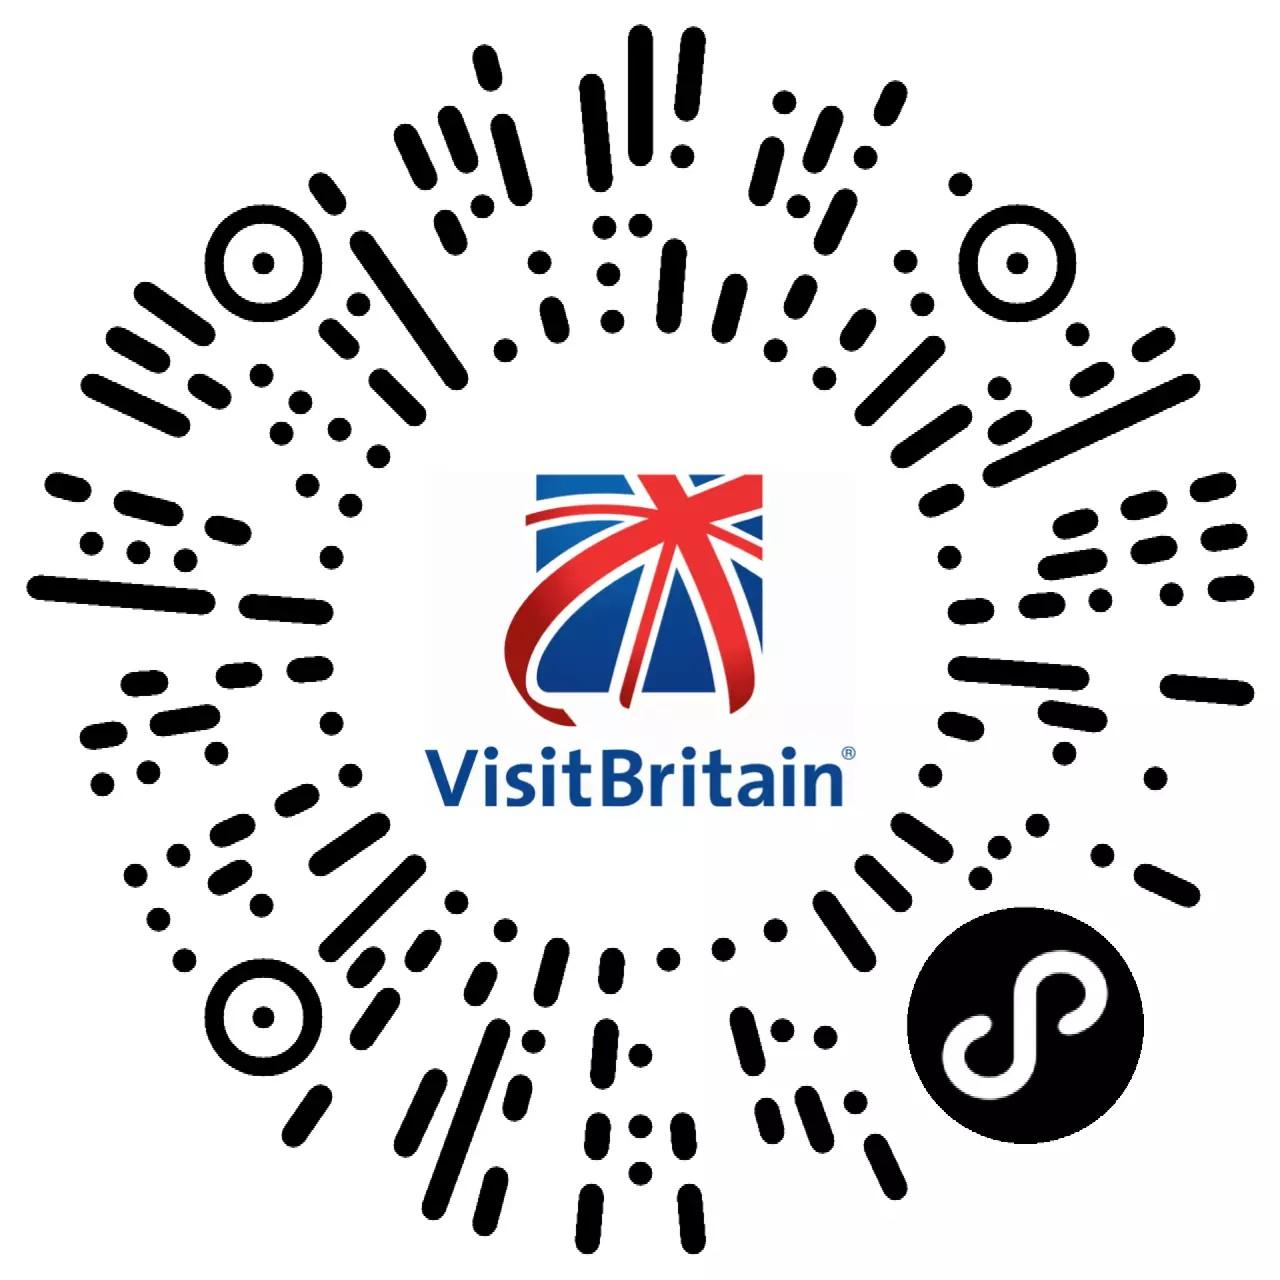 体验伦敦-微信小程序二维码